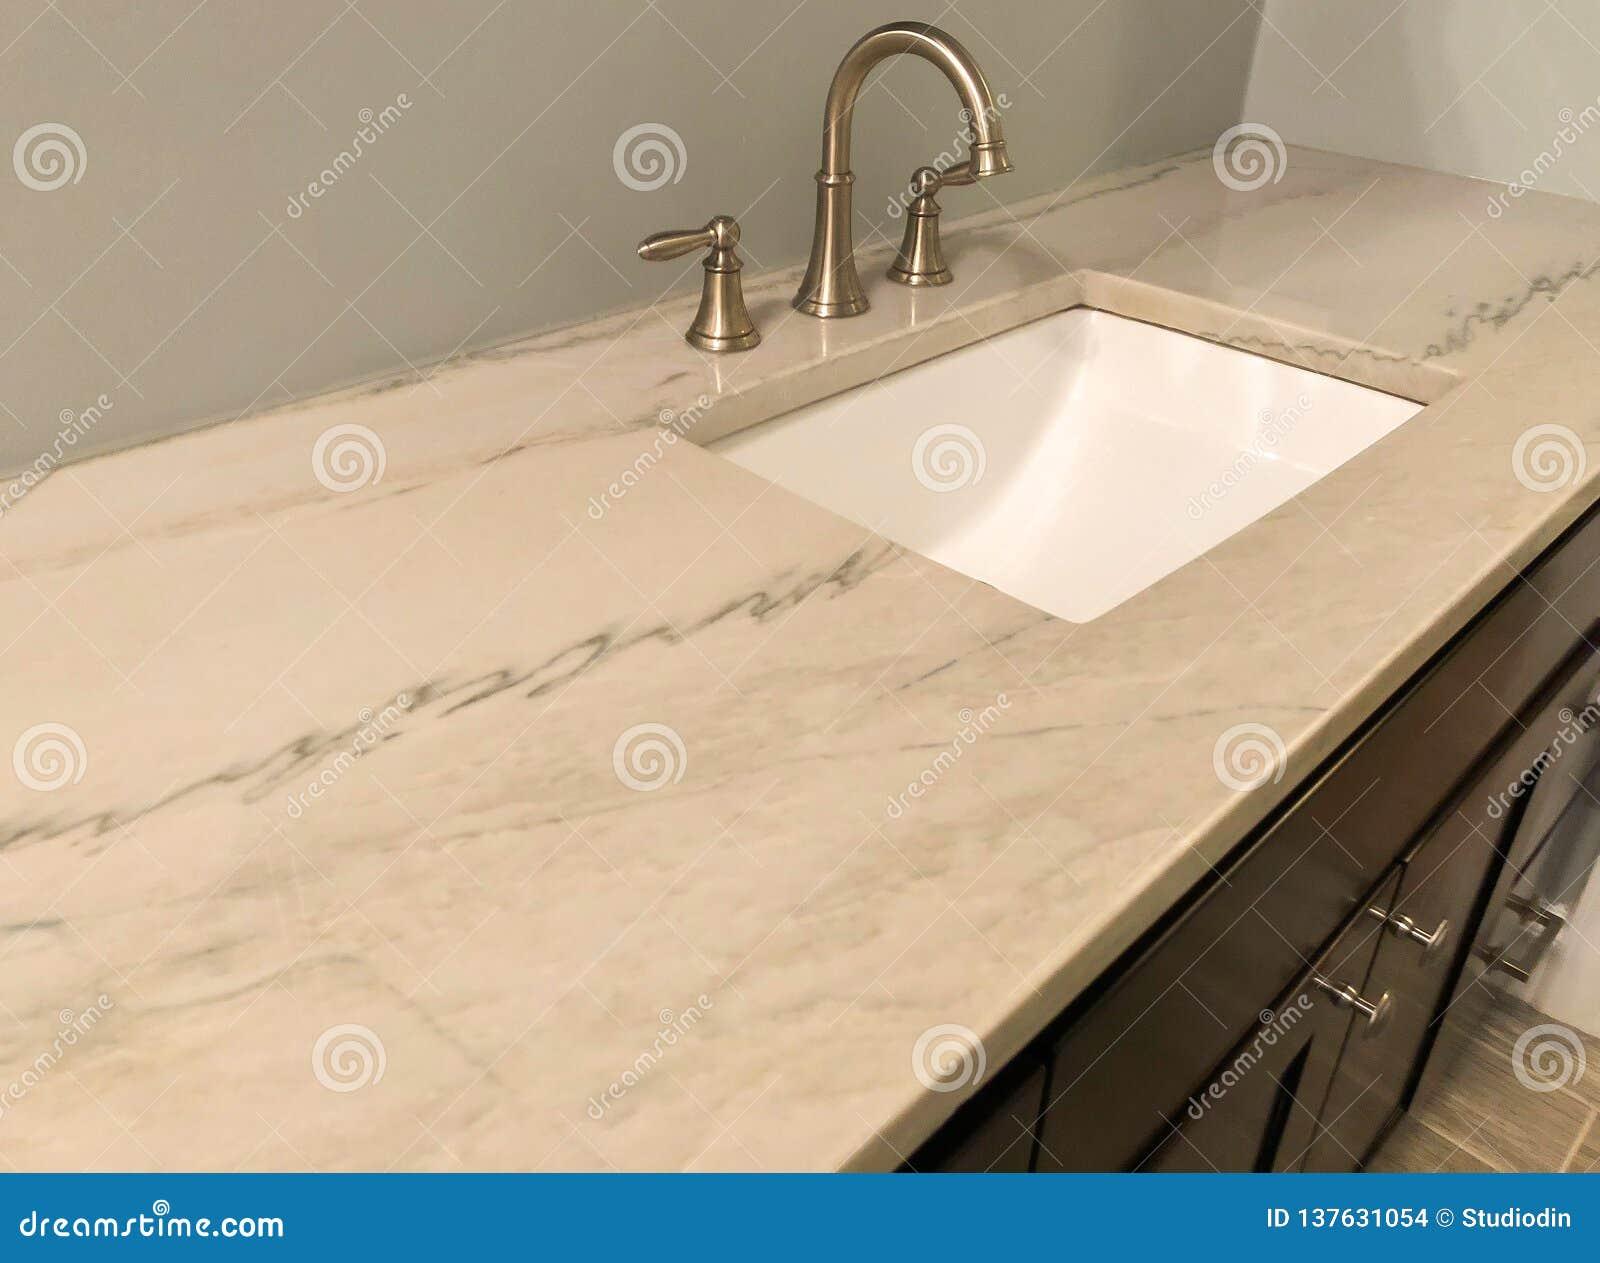 Plan De Travail Chrome partie supérieure du comptoir de granit avec le robinet